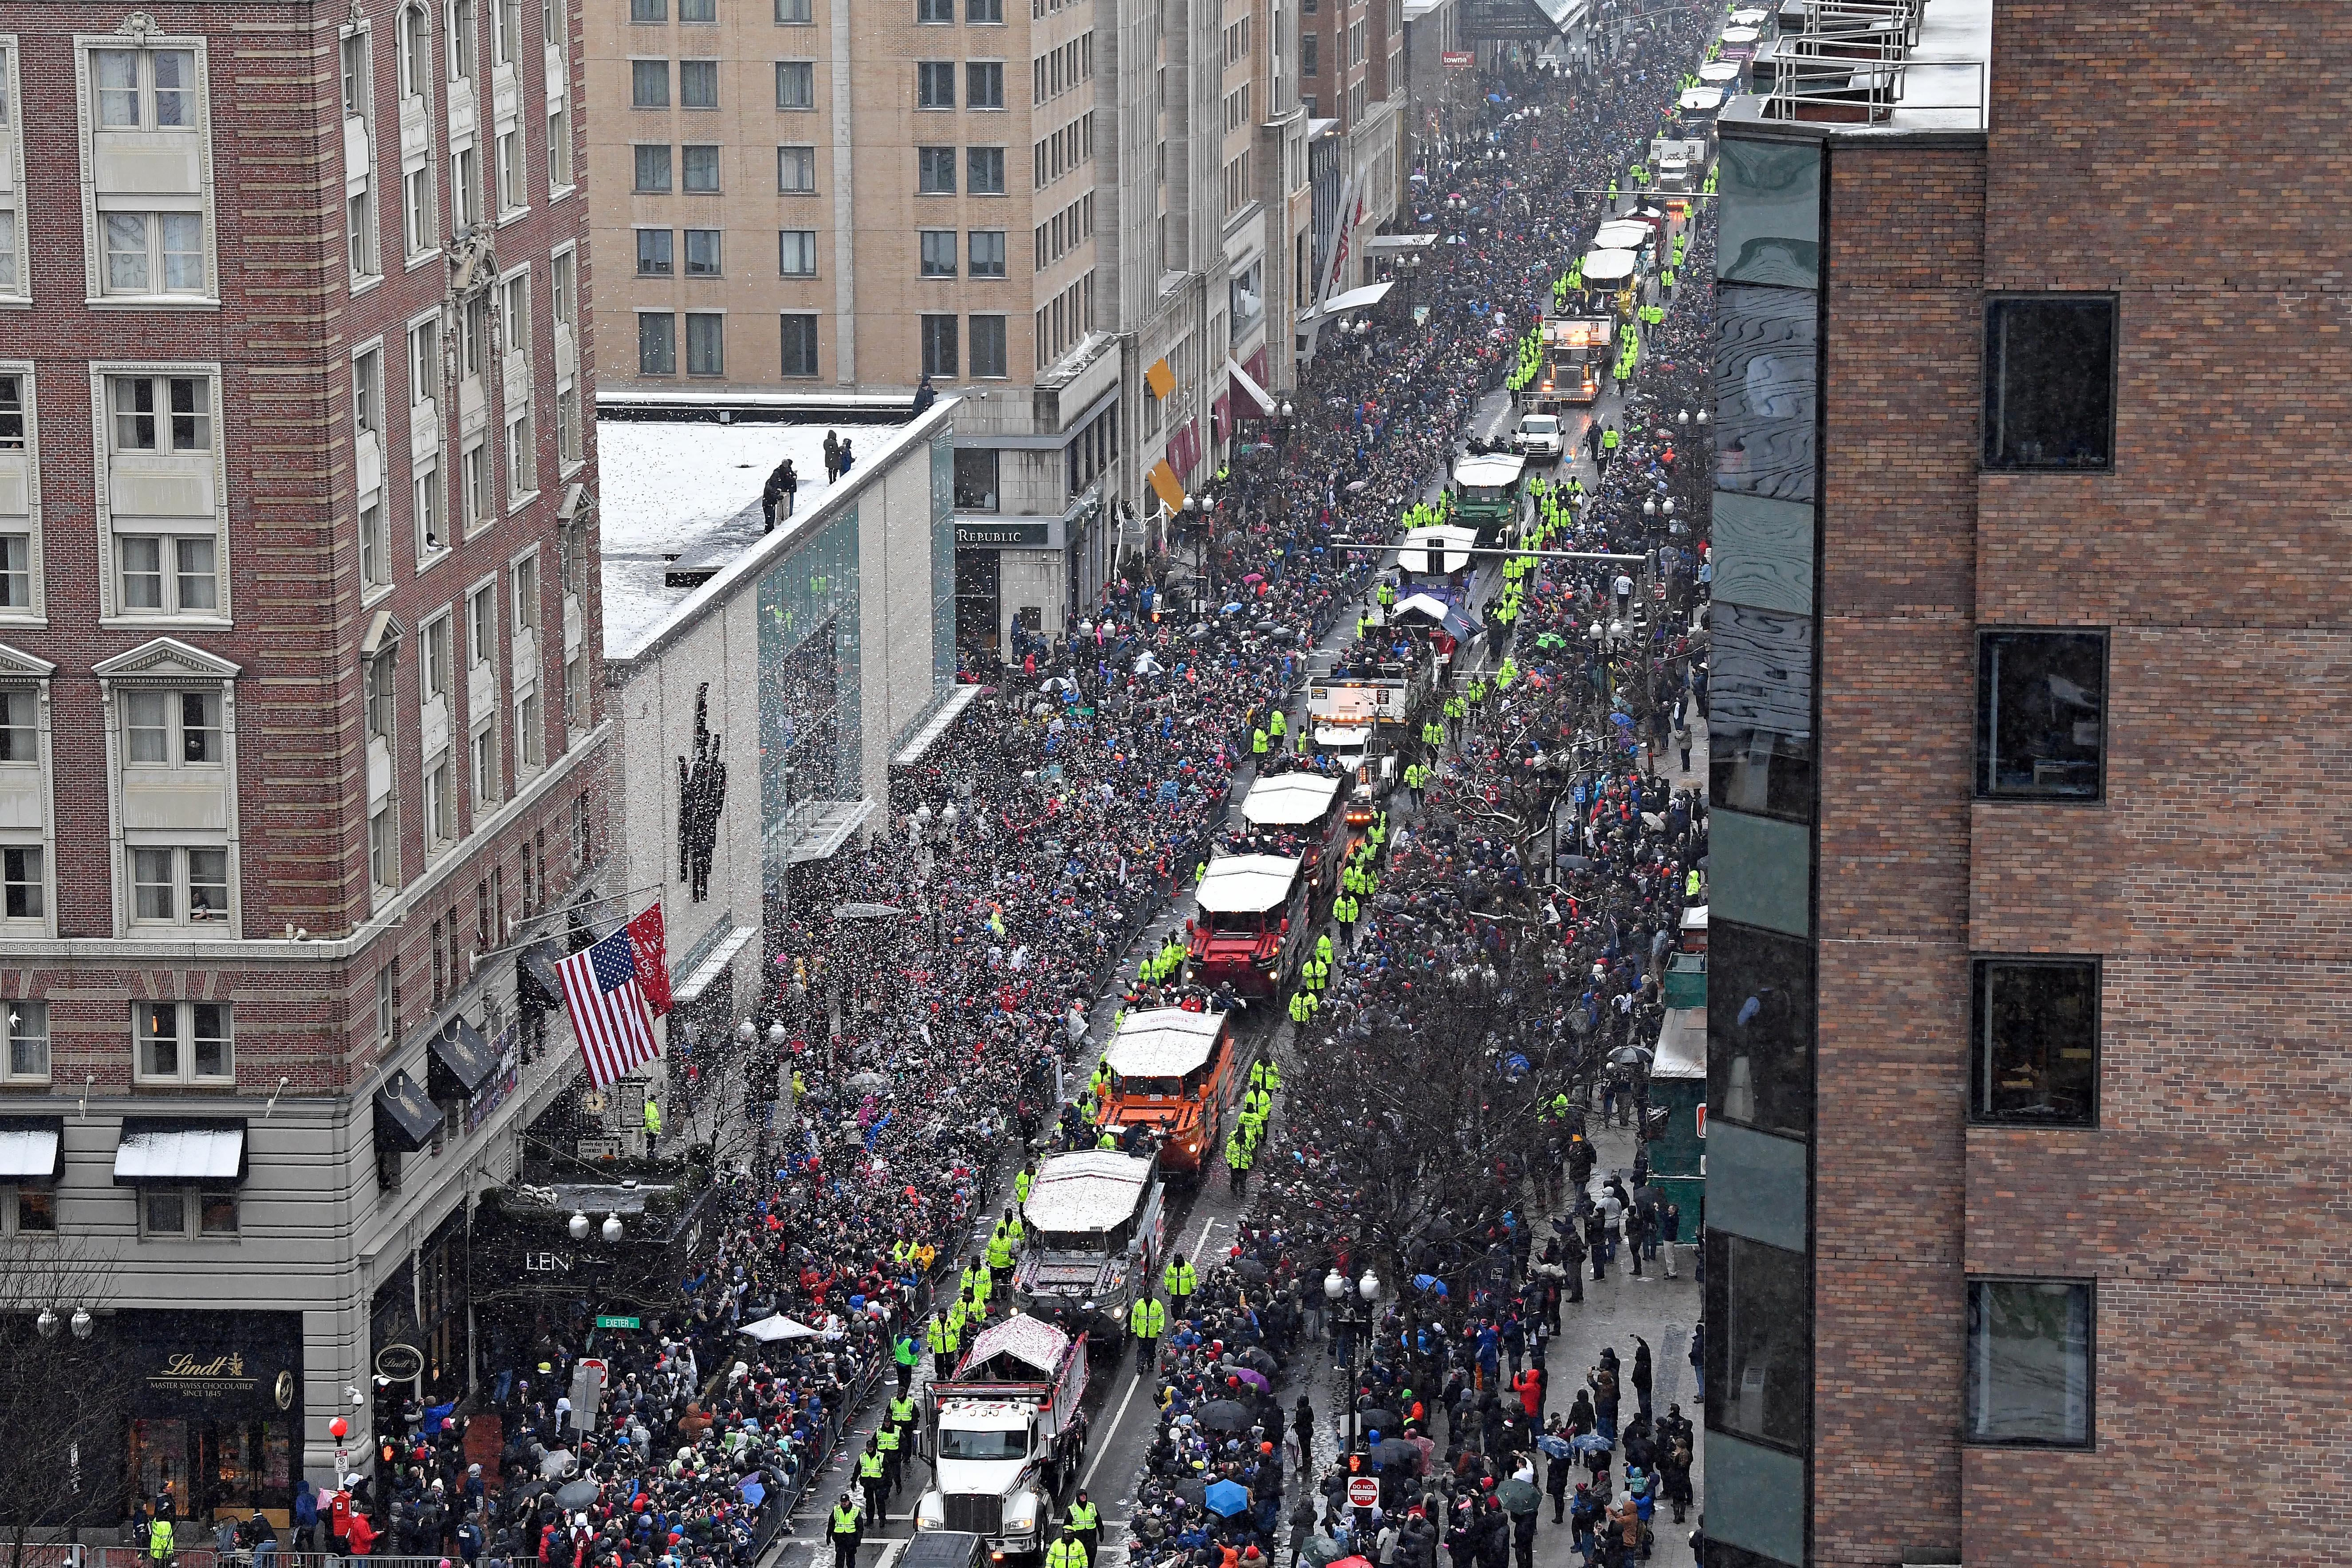 NFL: Super Bowl LI Champions-New England Patriots Parade